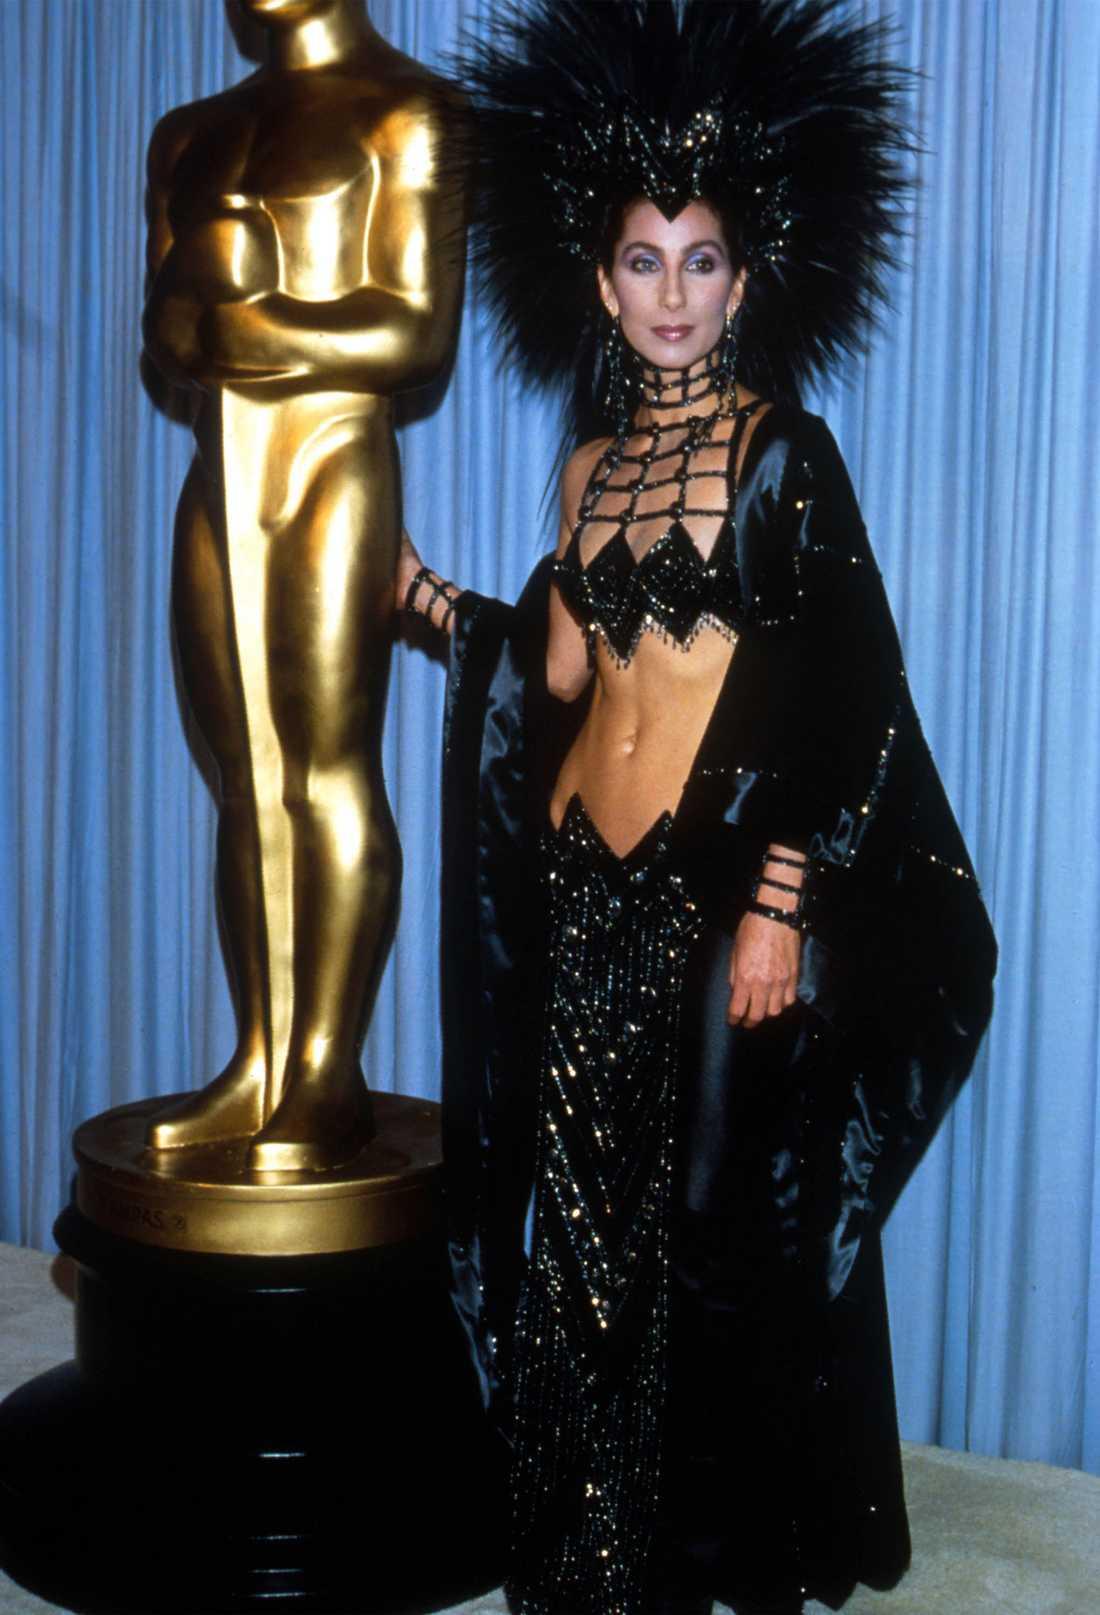 """Cher 1986… """"If you got it, flaunt it. Ja, så tänkte nog Cher när hon drog på sig den här klassiska Oscar-looken designad Bob Mackie. Enligt rykten fick hon sitta på golvet i taxin mot galan för att ha möjlighet att få plats med den där enorma fjäderperuken."""""""